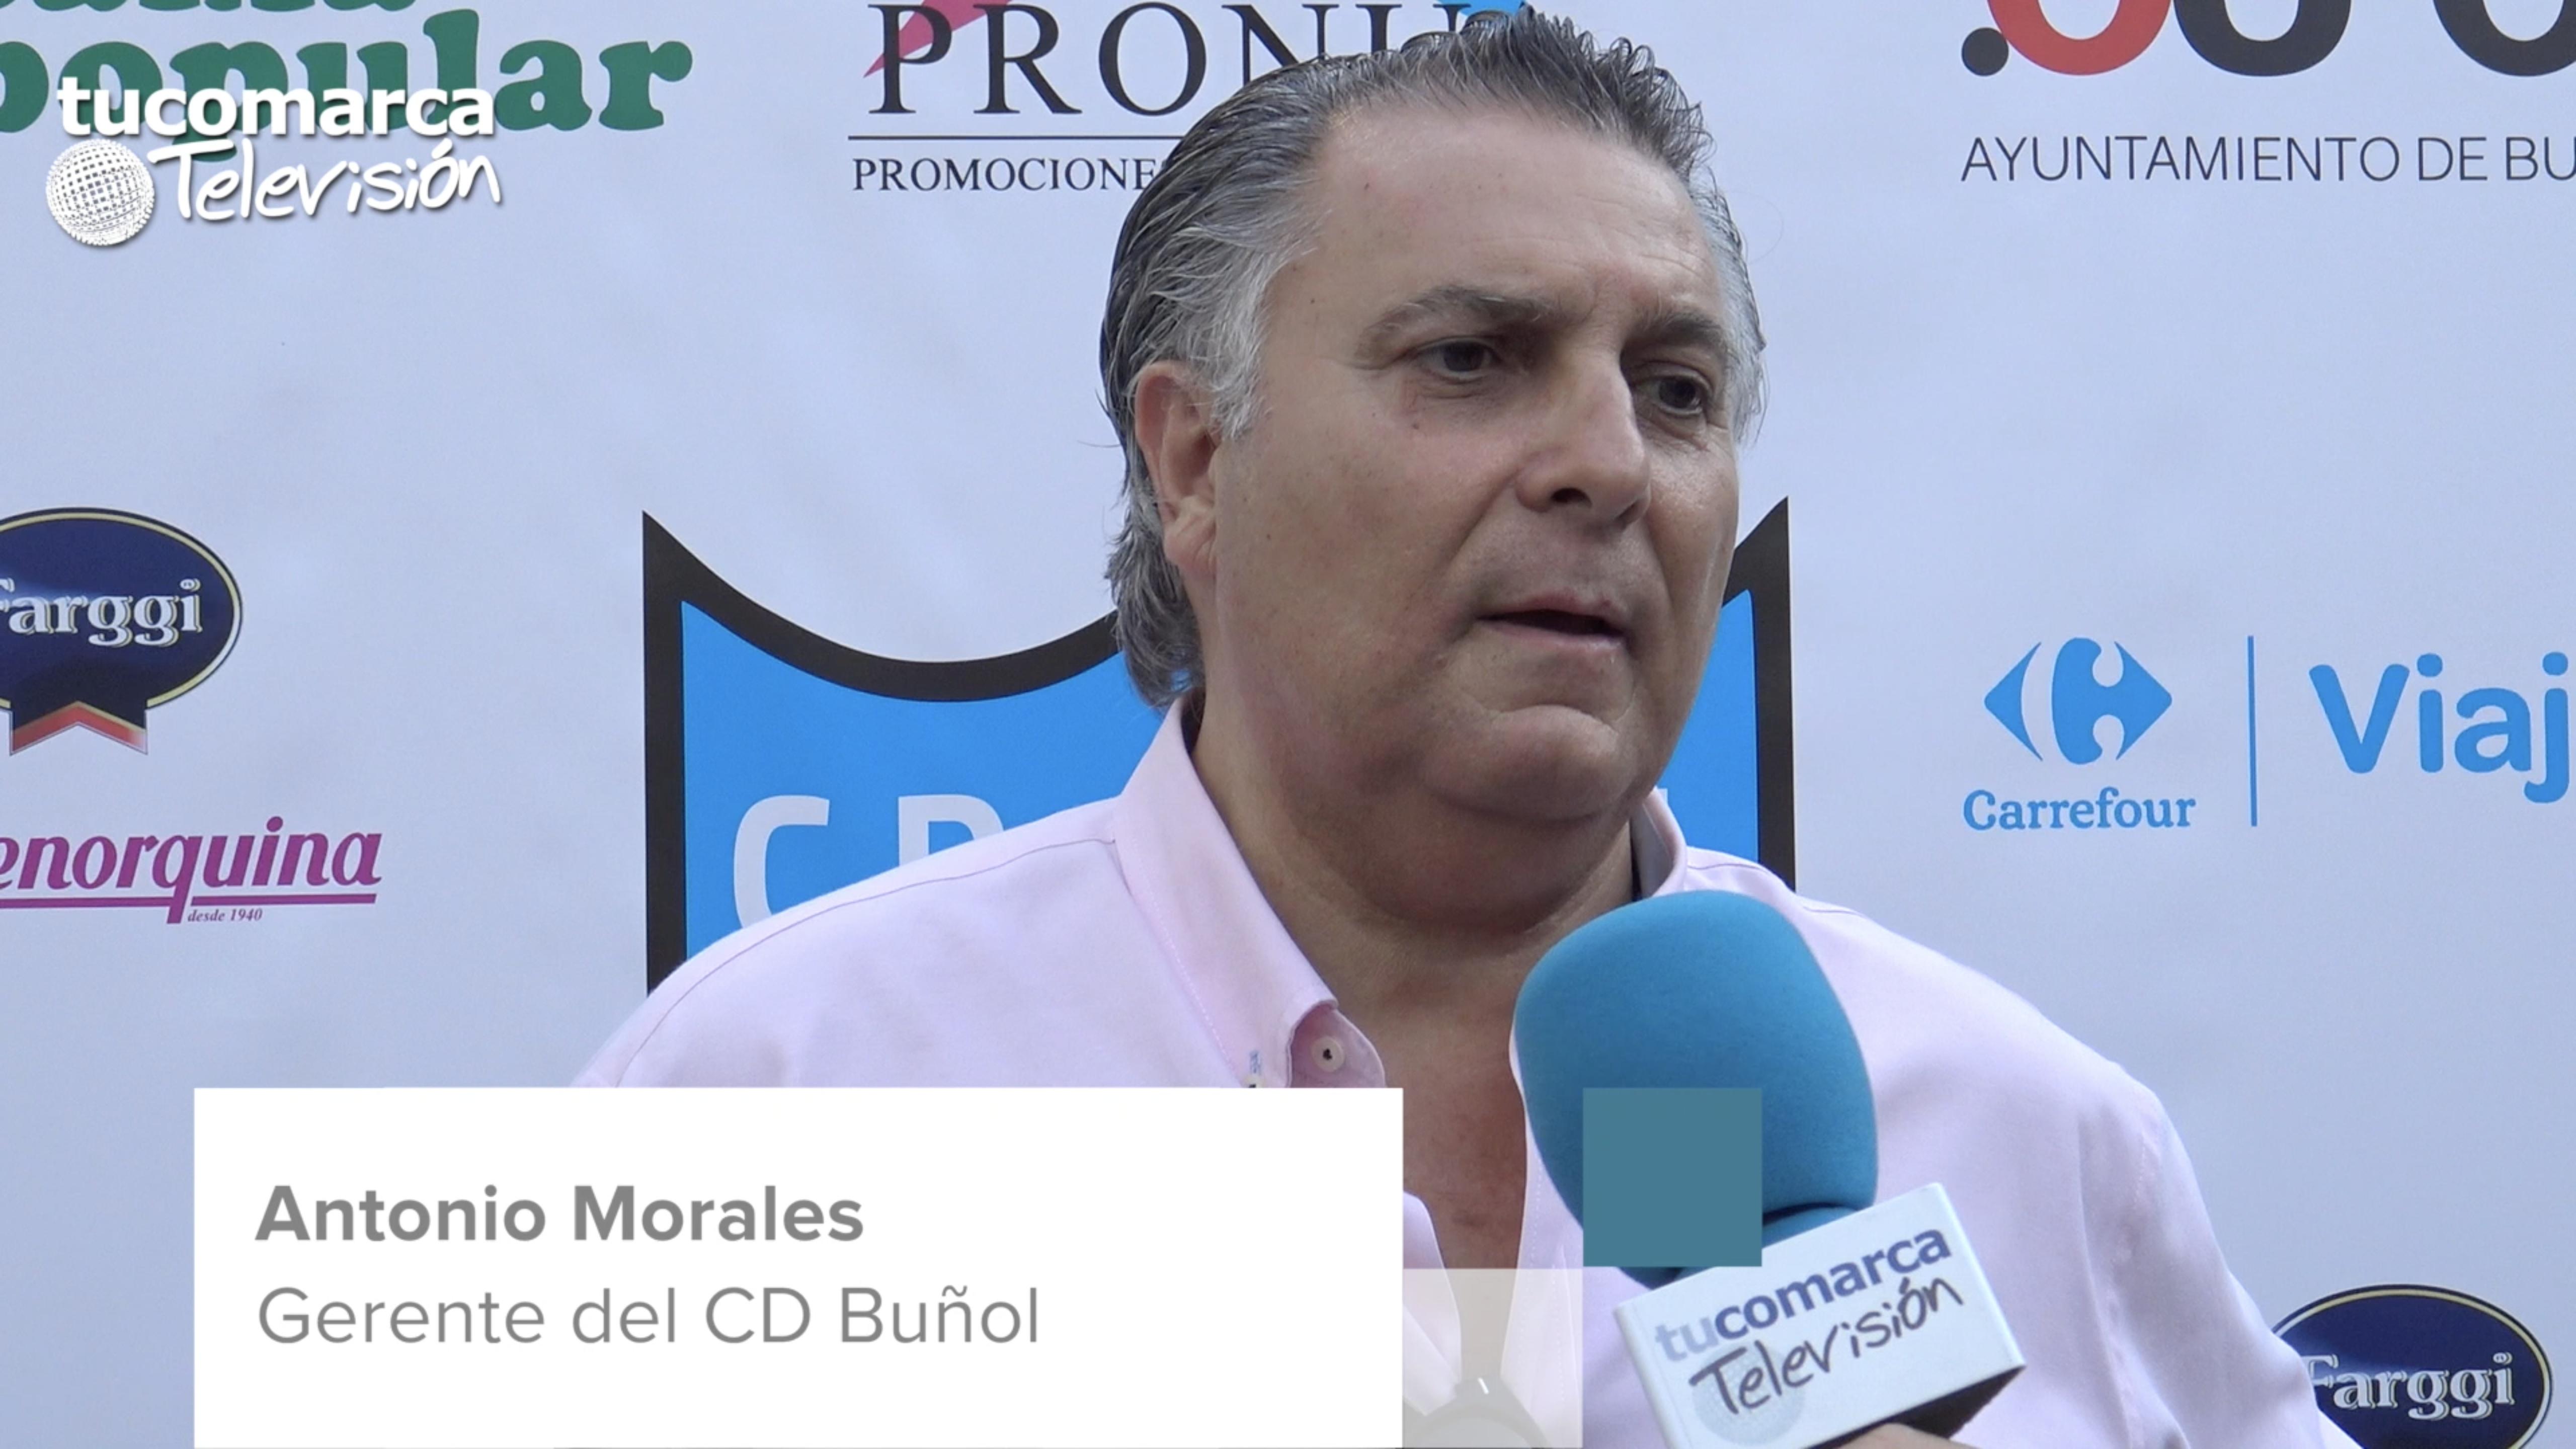 El nuevo gerente del Club Deportivo Buñol, Antonio Morales, durante la entrevista concedida a tucomarca televisión.